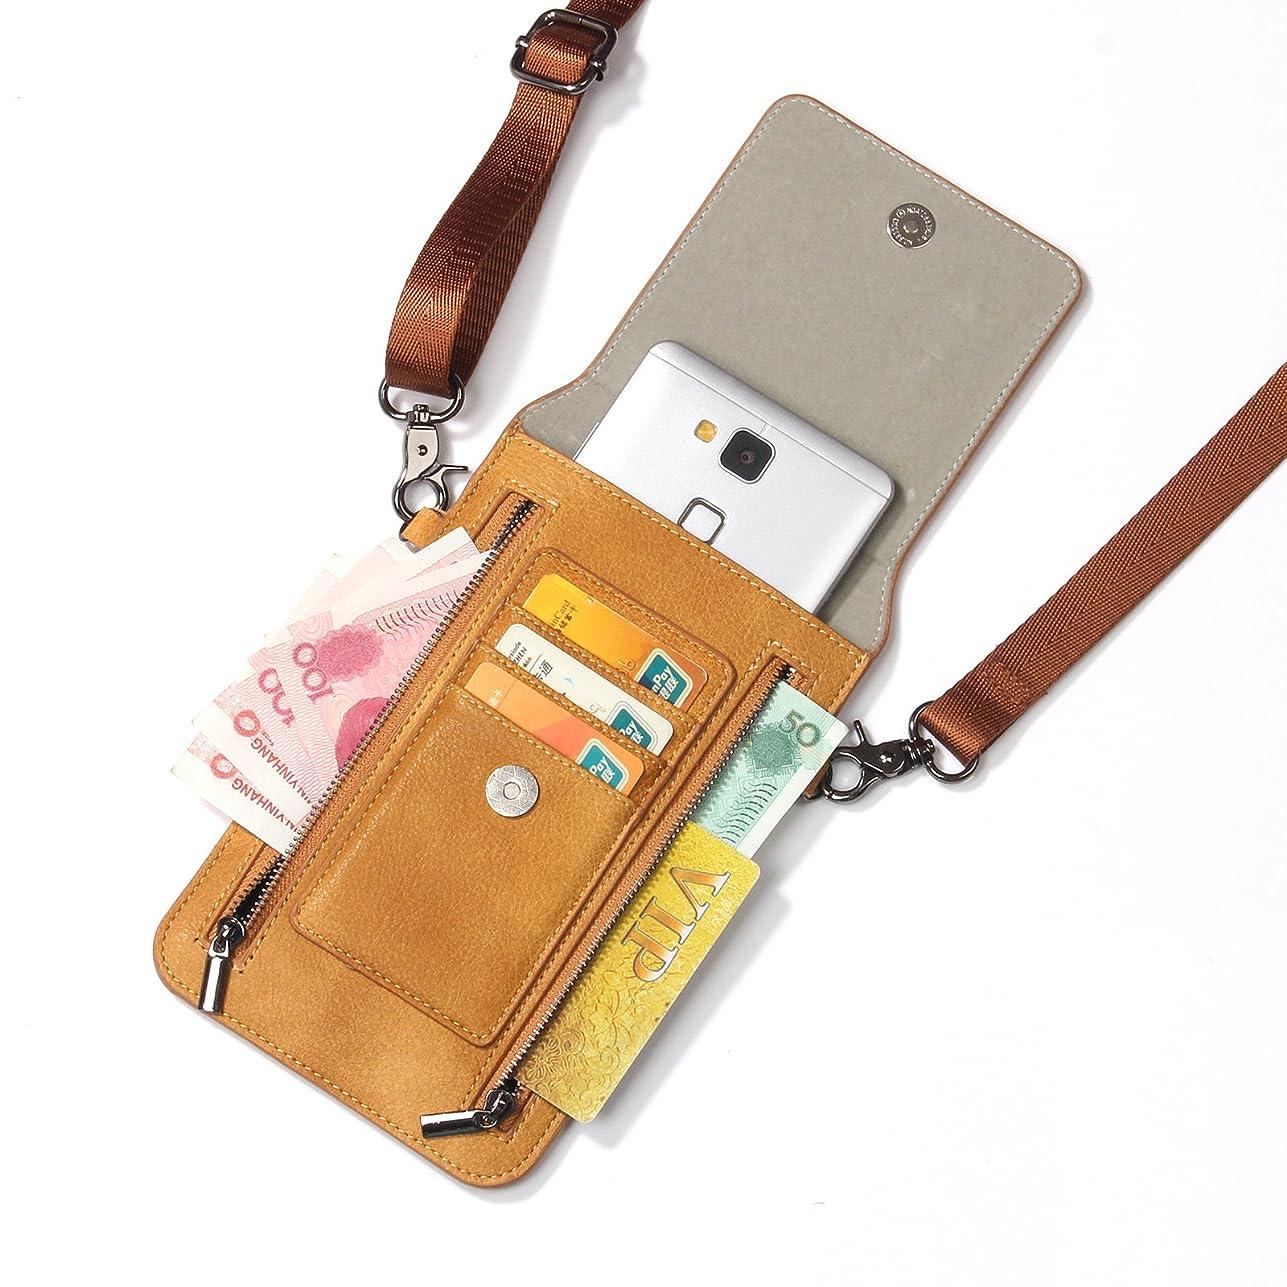 なす産地拾うiPhone XS Max ケース レザー INorton 多機能スマホポーチ 保護カバー 財布型 軽量 カード お金収納 ストラップ付き iPhone X /8/8Plus/7/7Plusなど6.5インチ汎用